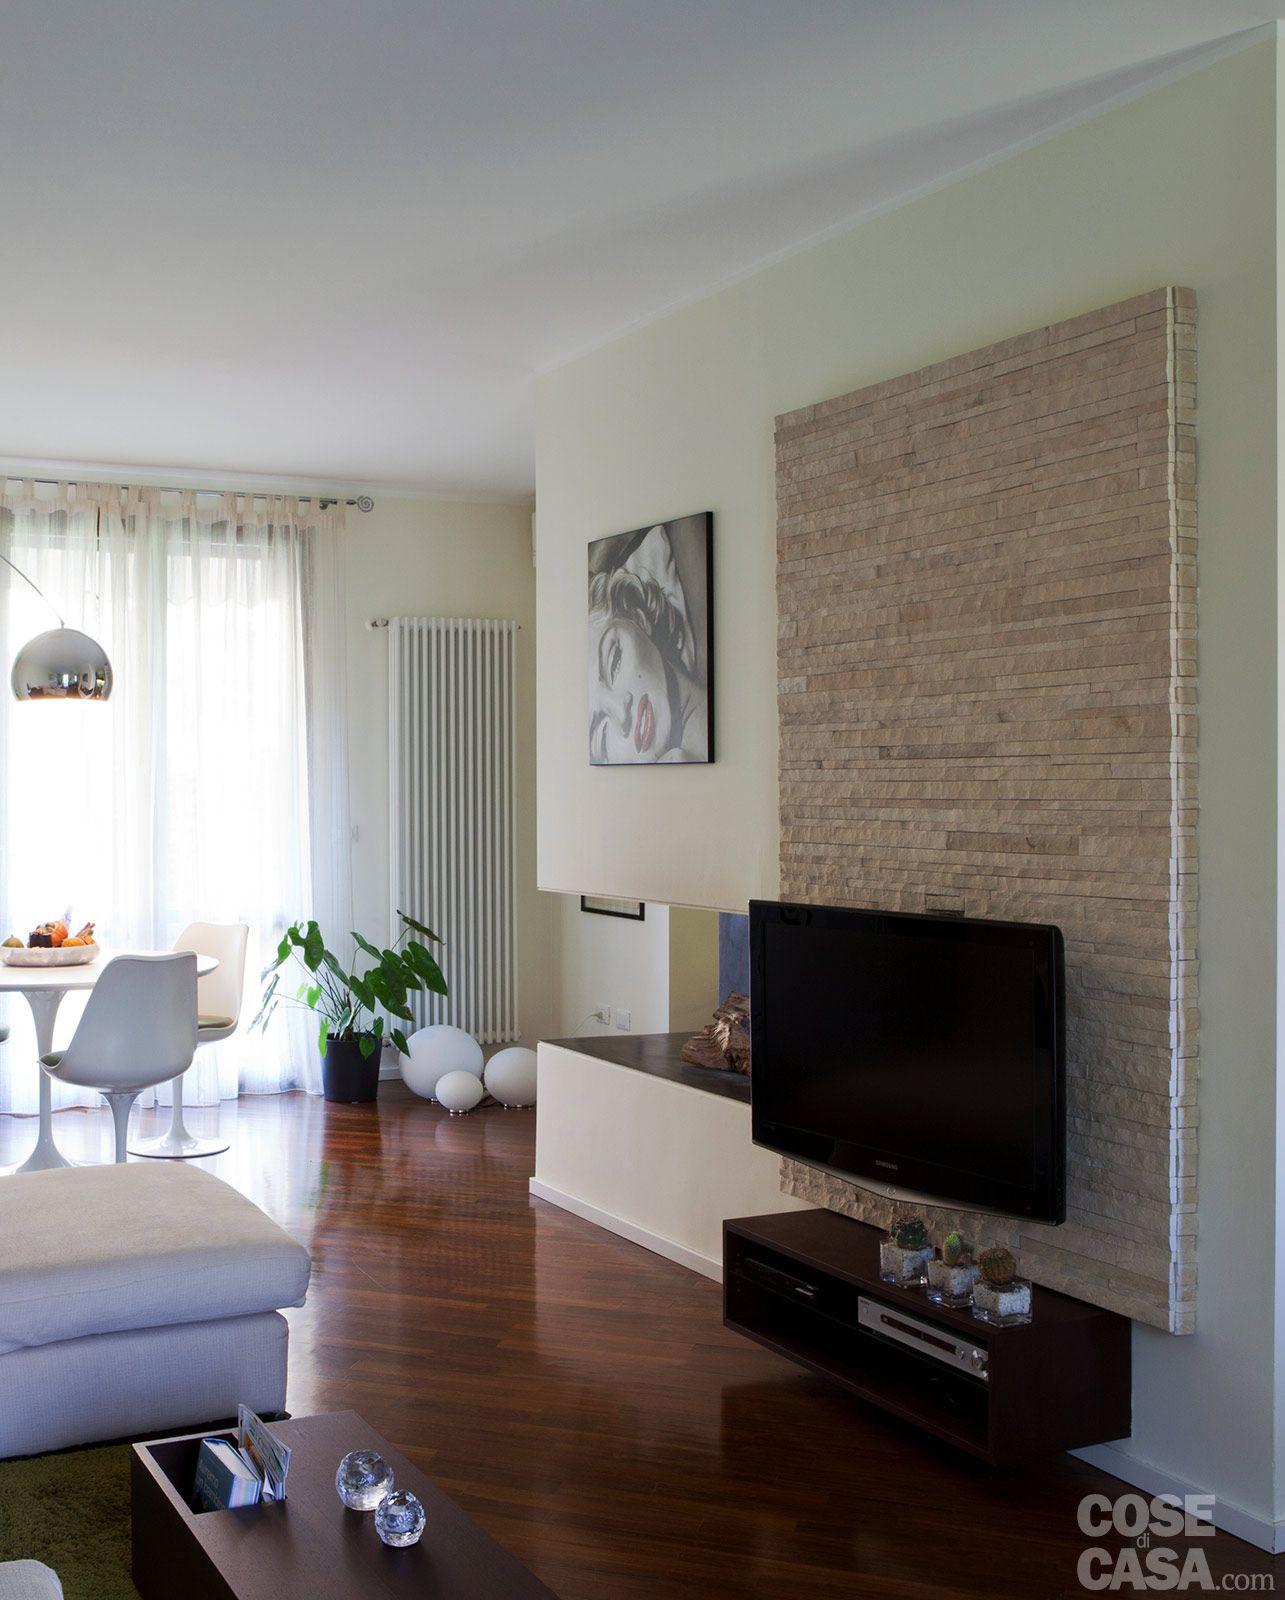 Muri Divisori Cucina Soggiorno : Muri divisori cucina soggiorno ...